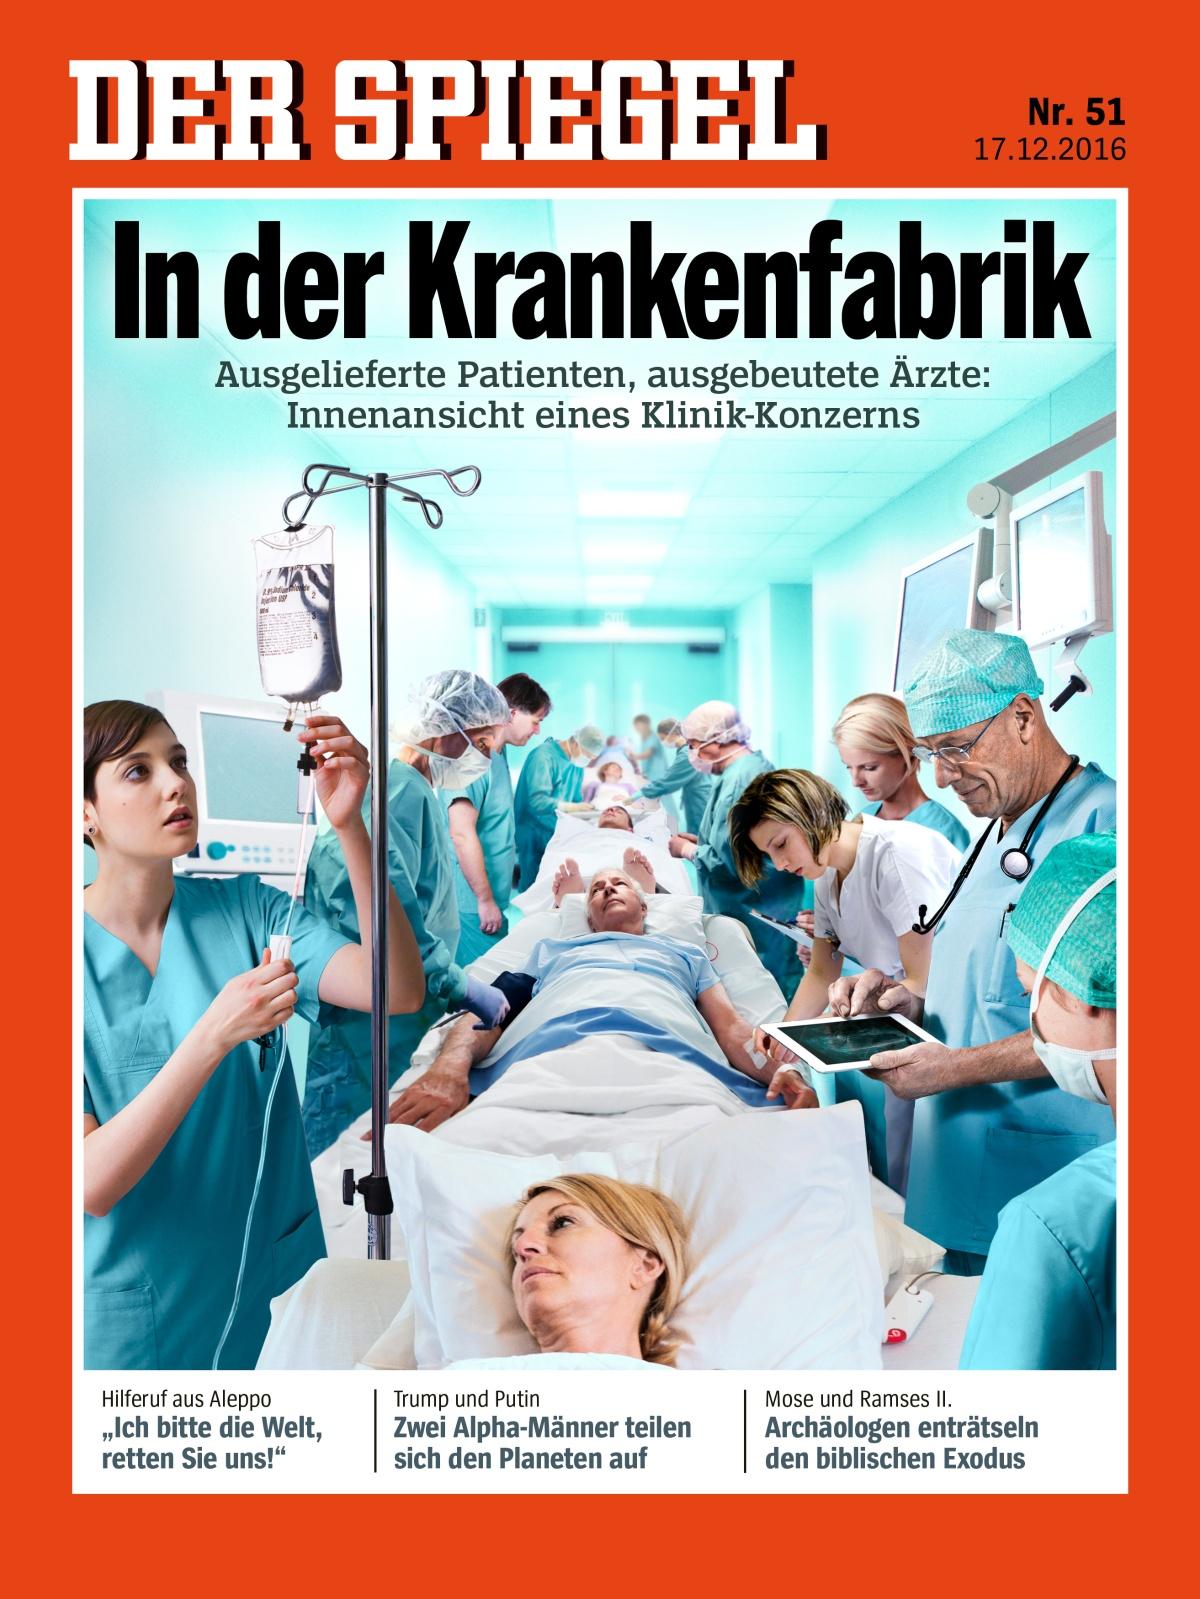 Kittihawk der spiegel 2016 51 for Spiegel jahresbestseller 2016